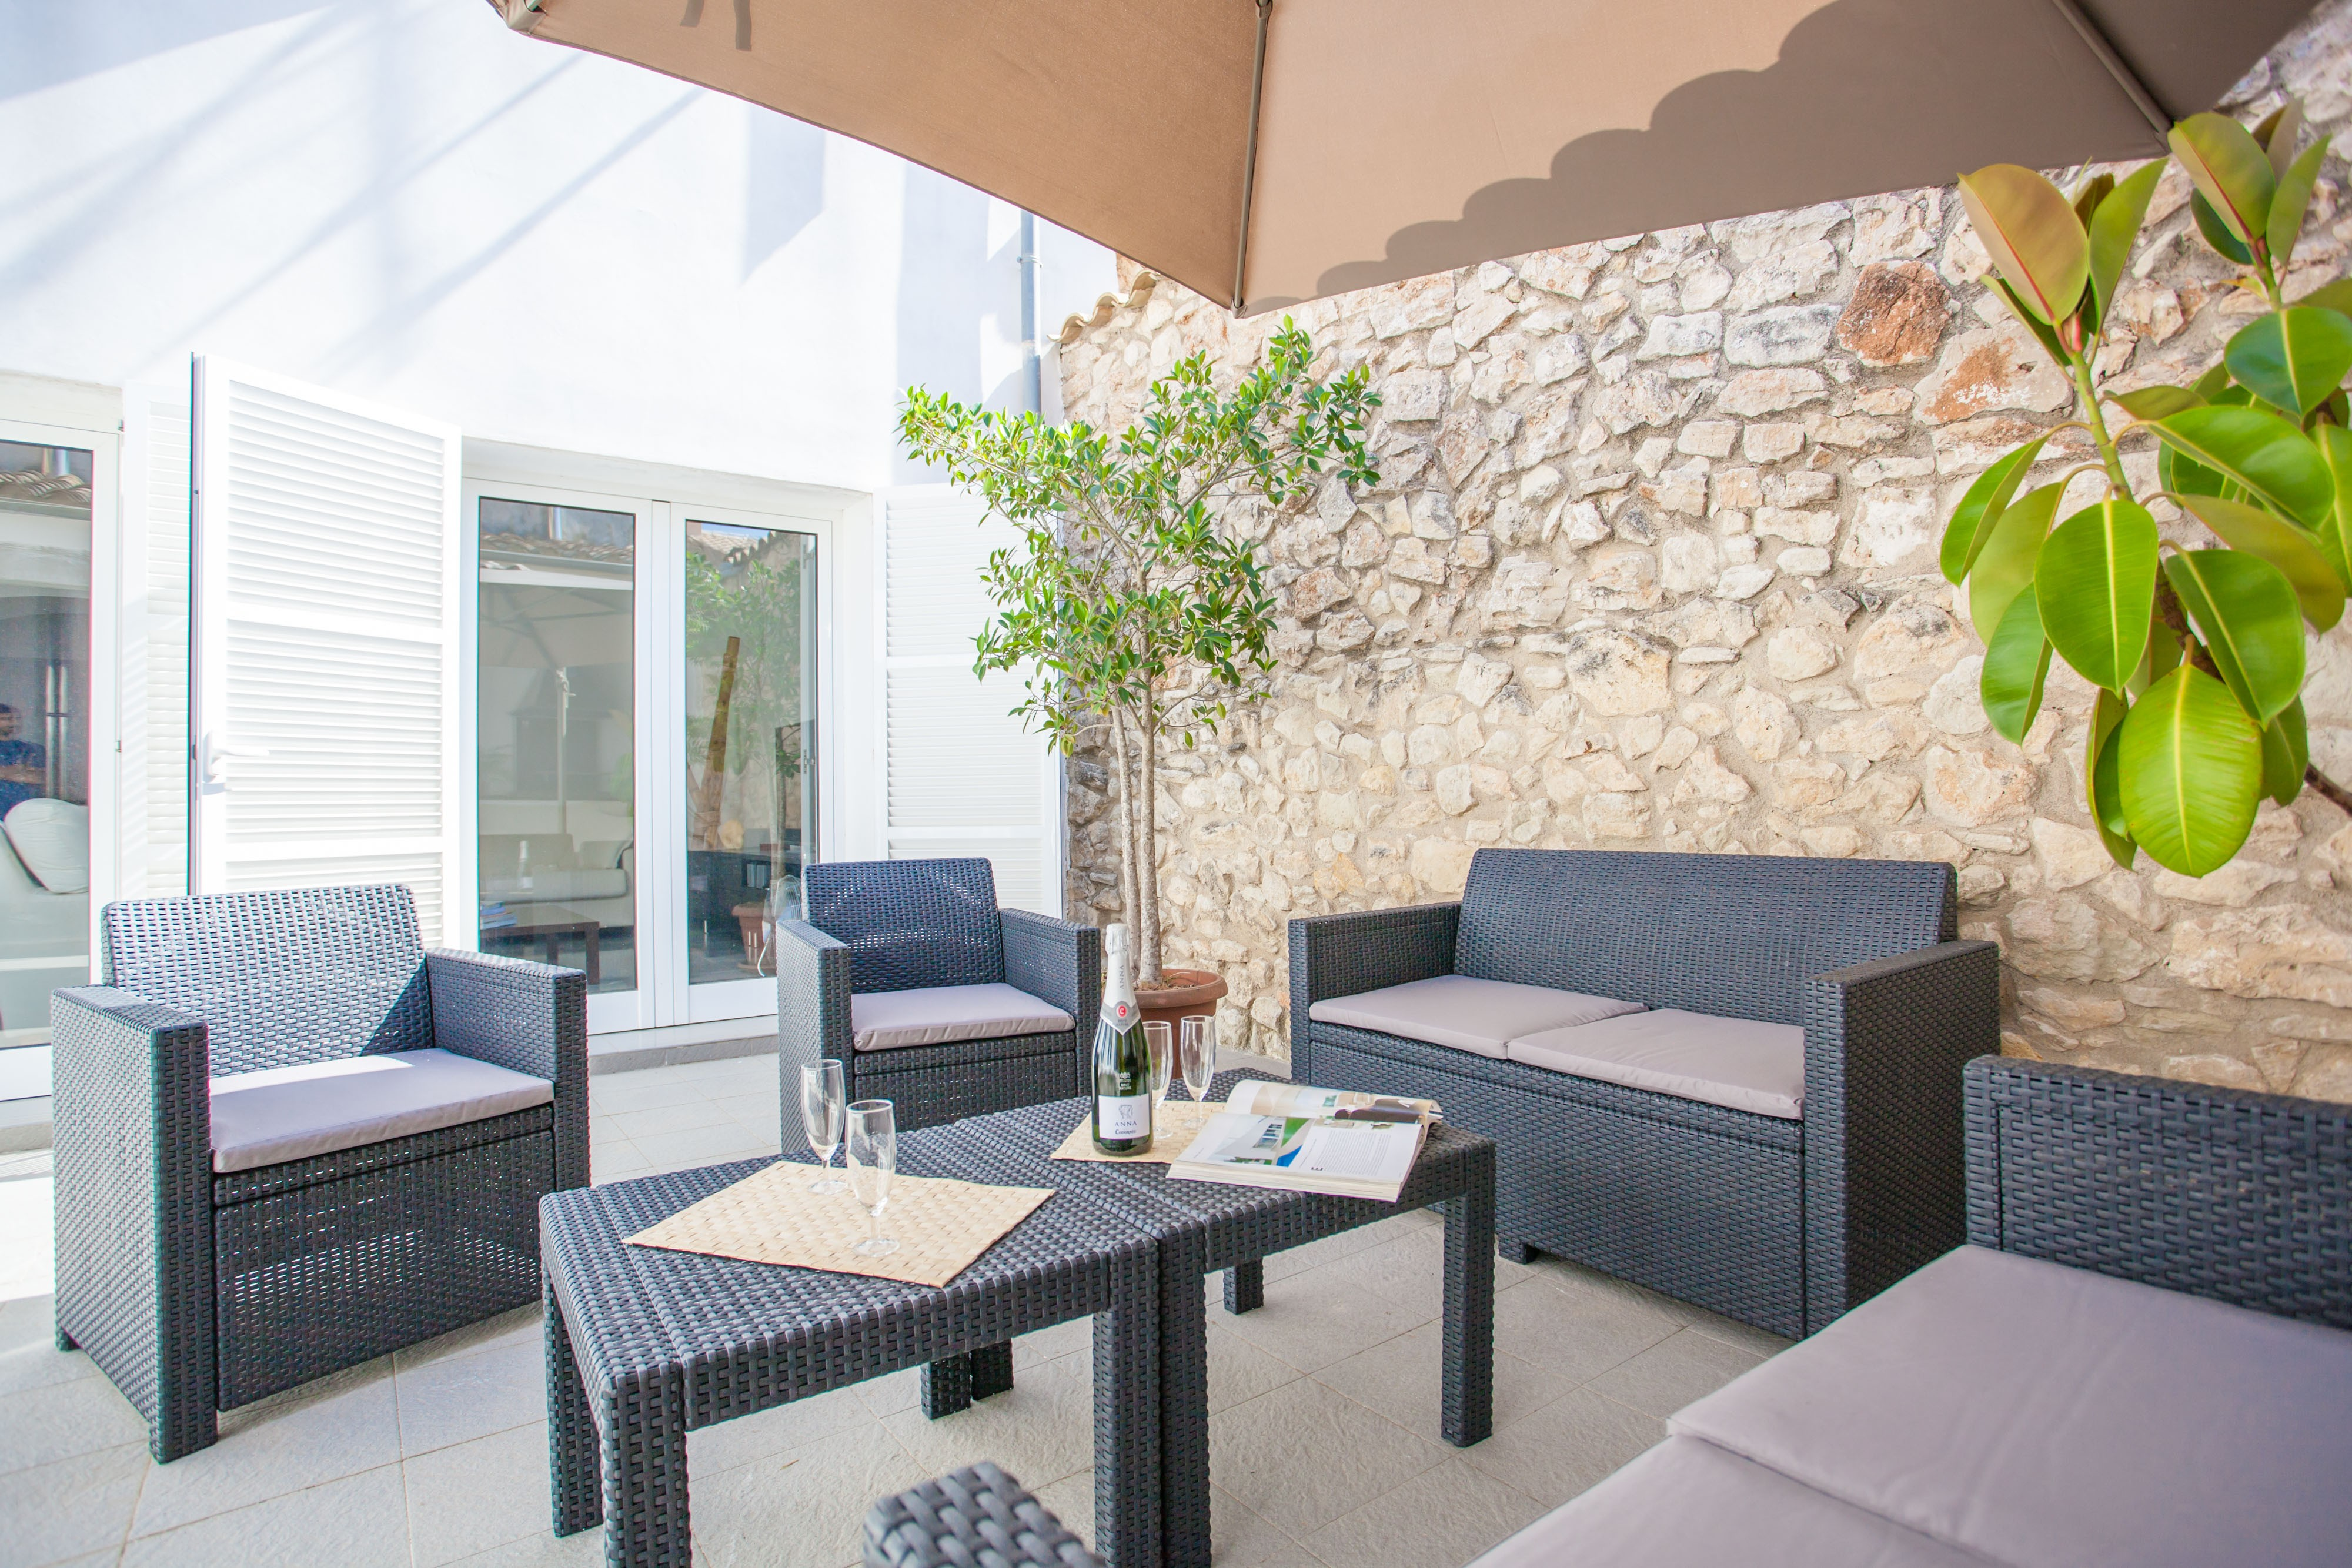 Maison de vacances CAN DOMINGO (2246405), Lloret de Vistalegre, Majorque, Iles Baléares, Espagne, image 1